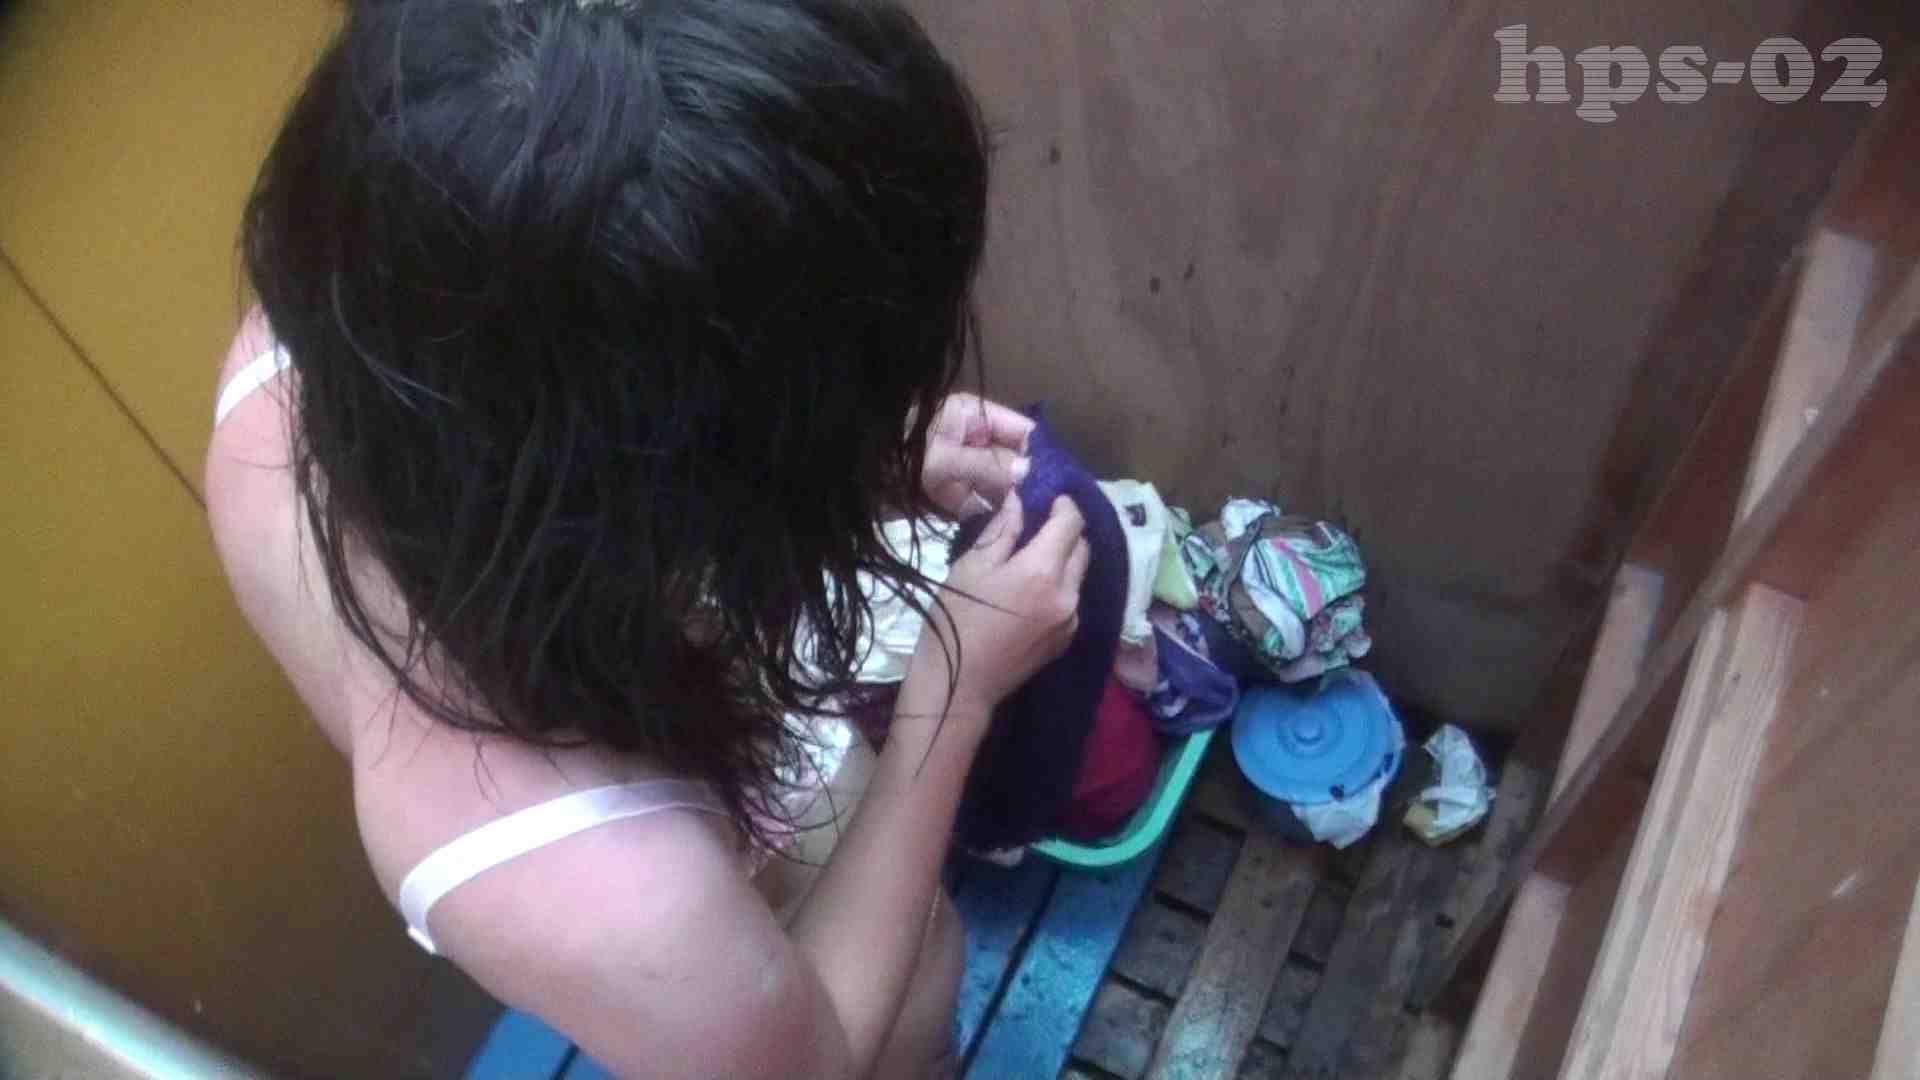 シャワールームは超!!危険な香りVol.2 カメラに目線をやるのですがまったく気が付きません。 シャワー | 高画質  53画像 43